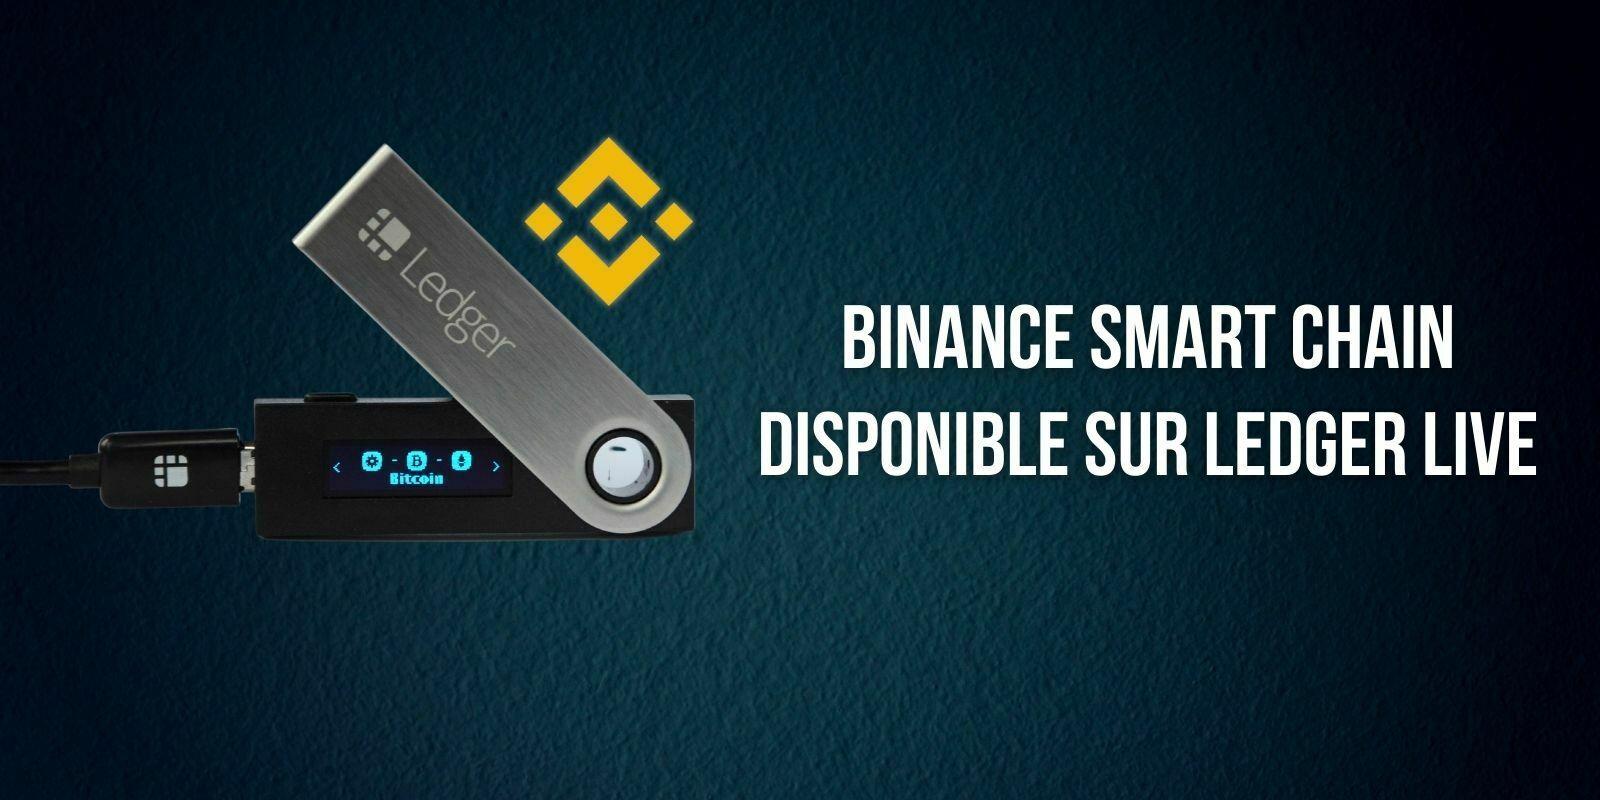 Ledger Live prend désormais en charge la Binance Smart Chain (BSC)